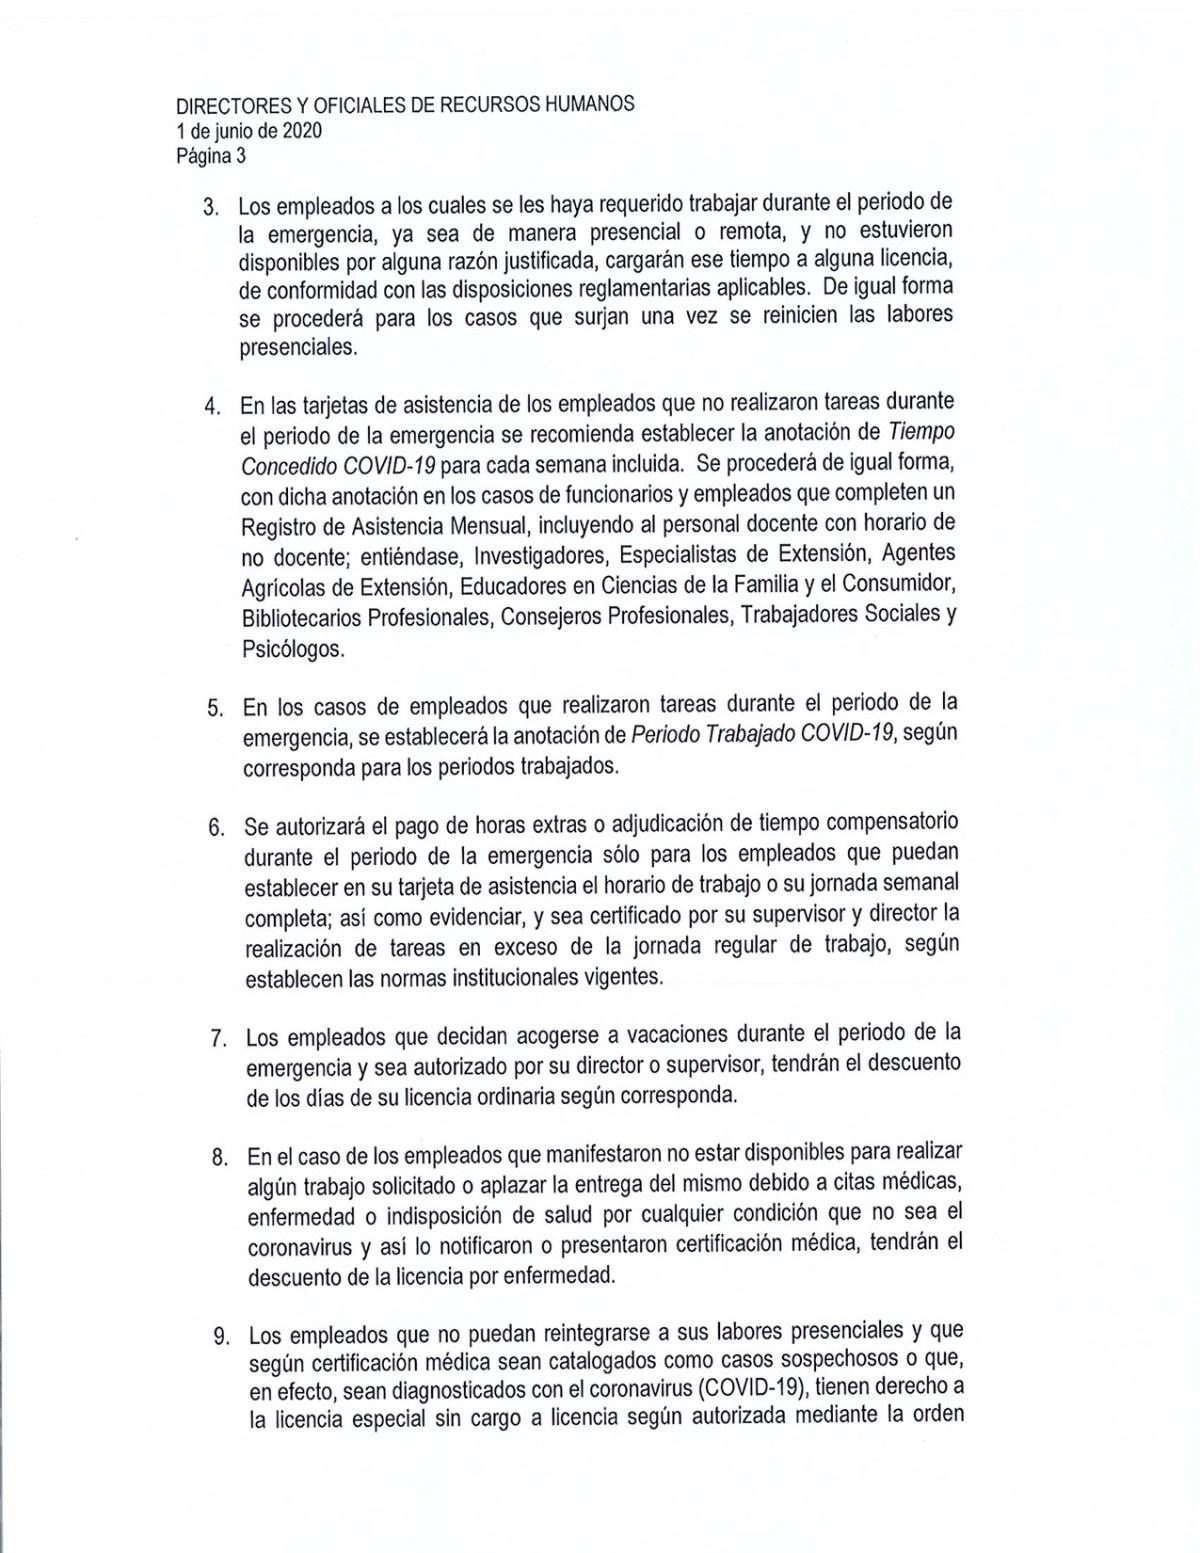 circular adm central reinicio labores presenciales UPR-3